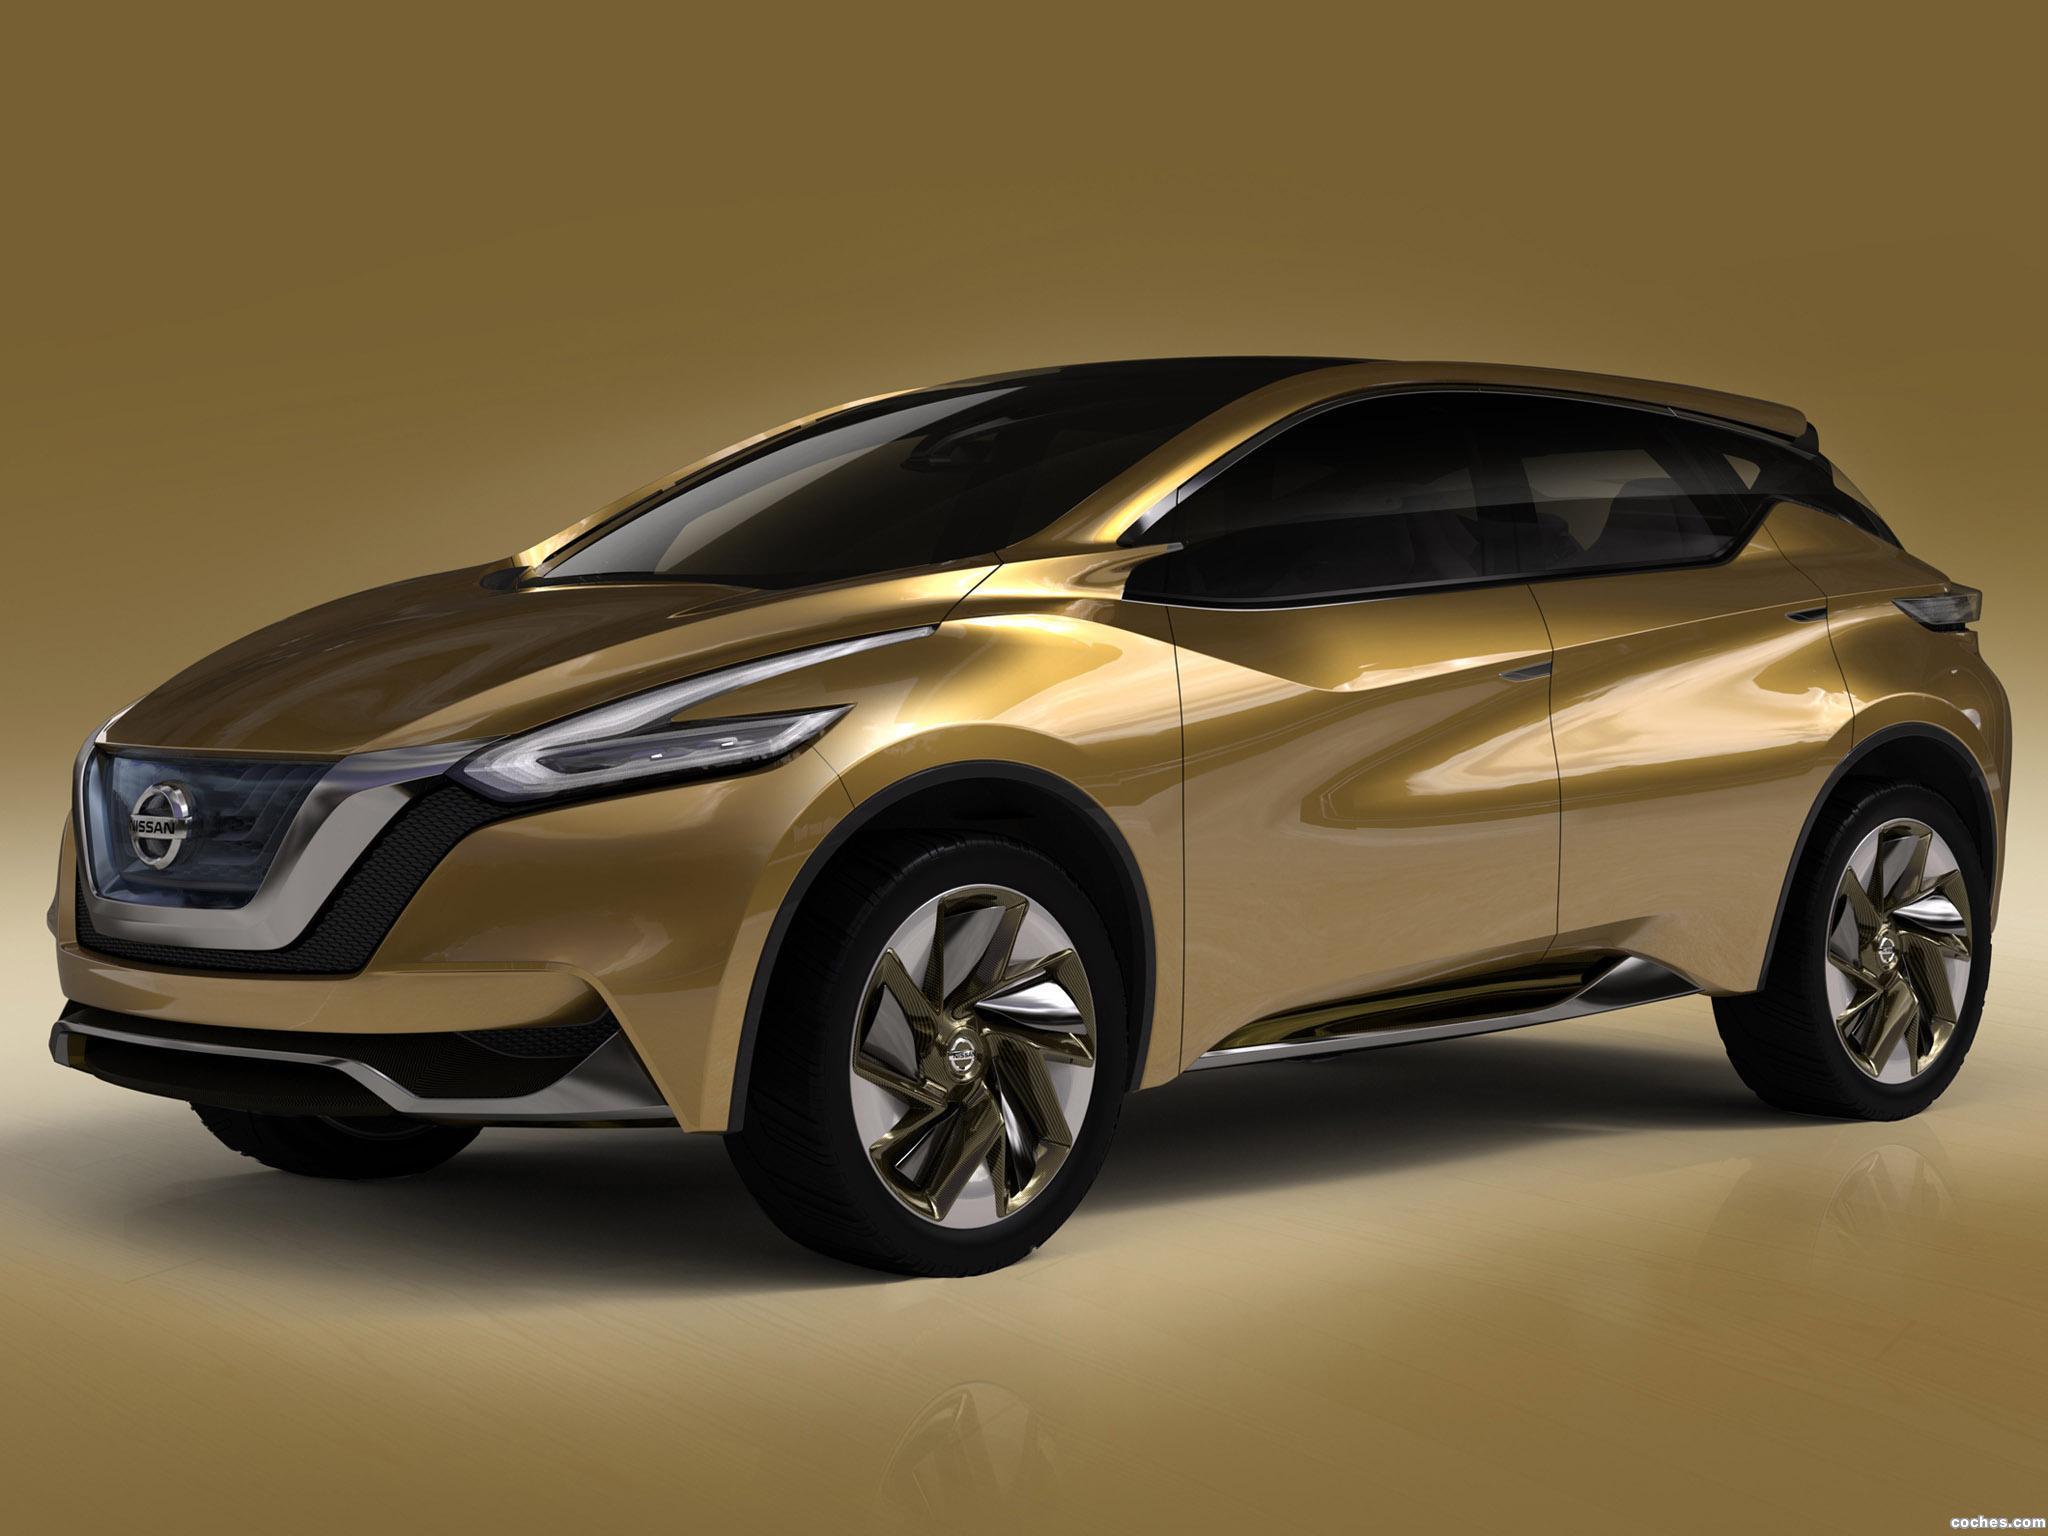 Foto 0 de Nissan Resonance Concept 2013